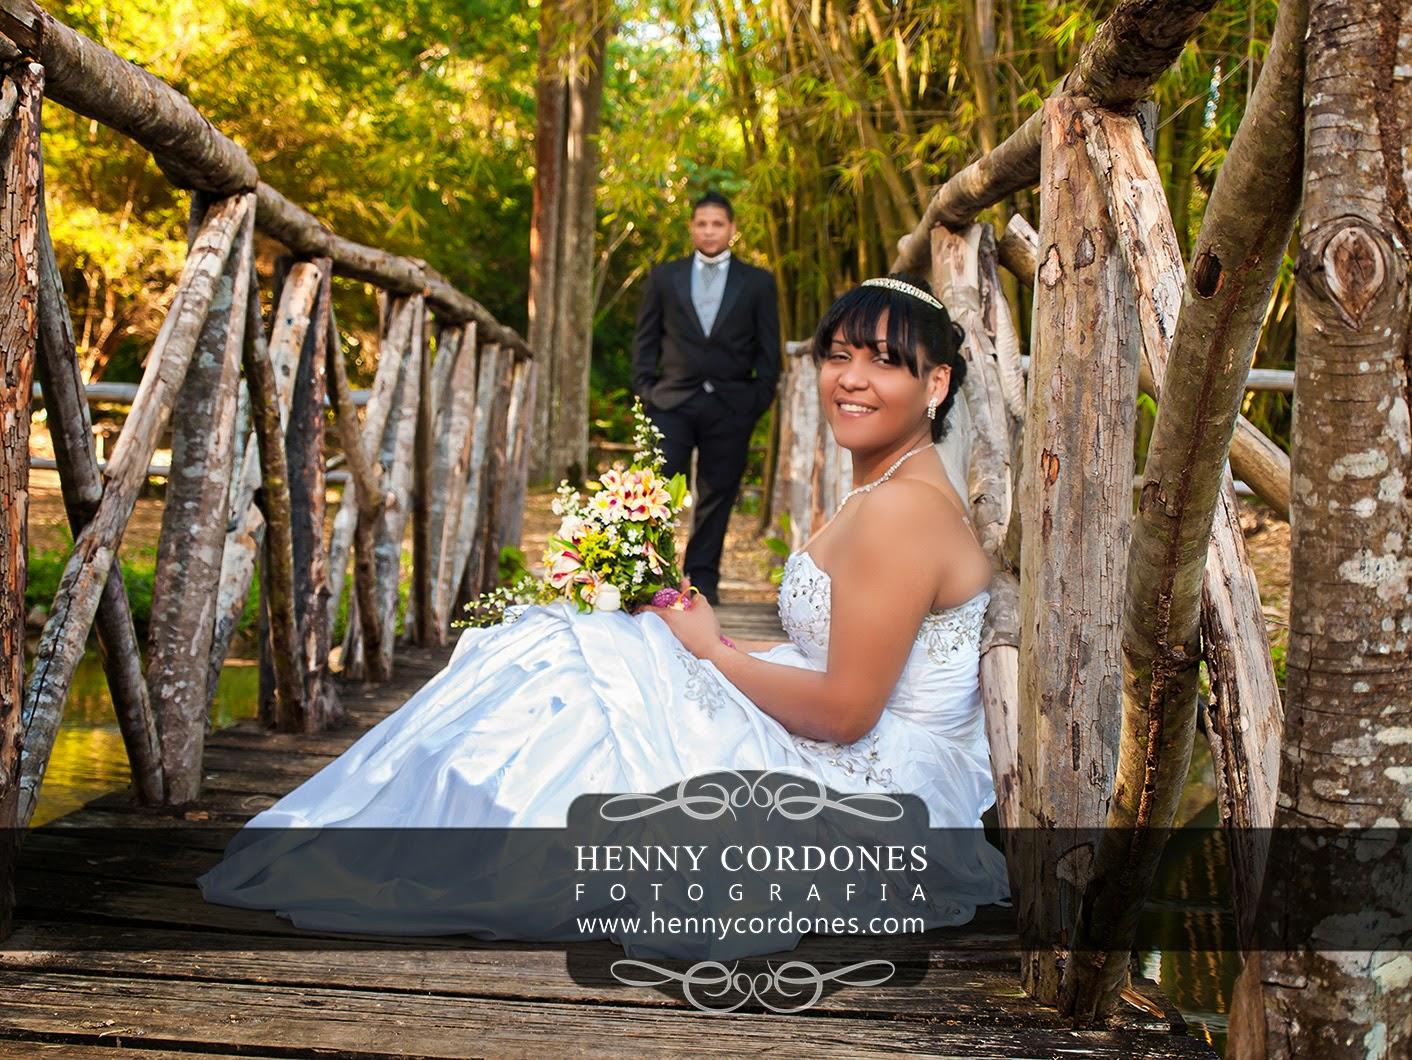 Henny cordones fotograf a sesion fotografica de boda for Bodas en el jardin botanico medellin